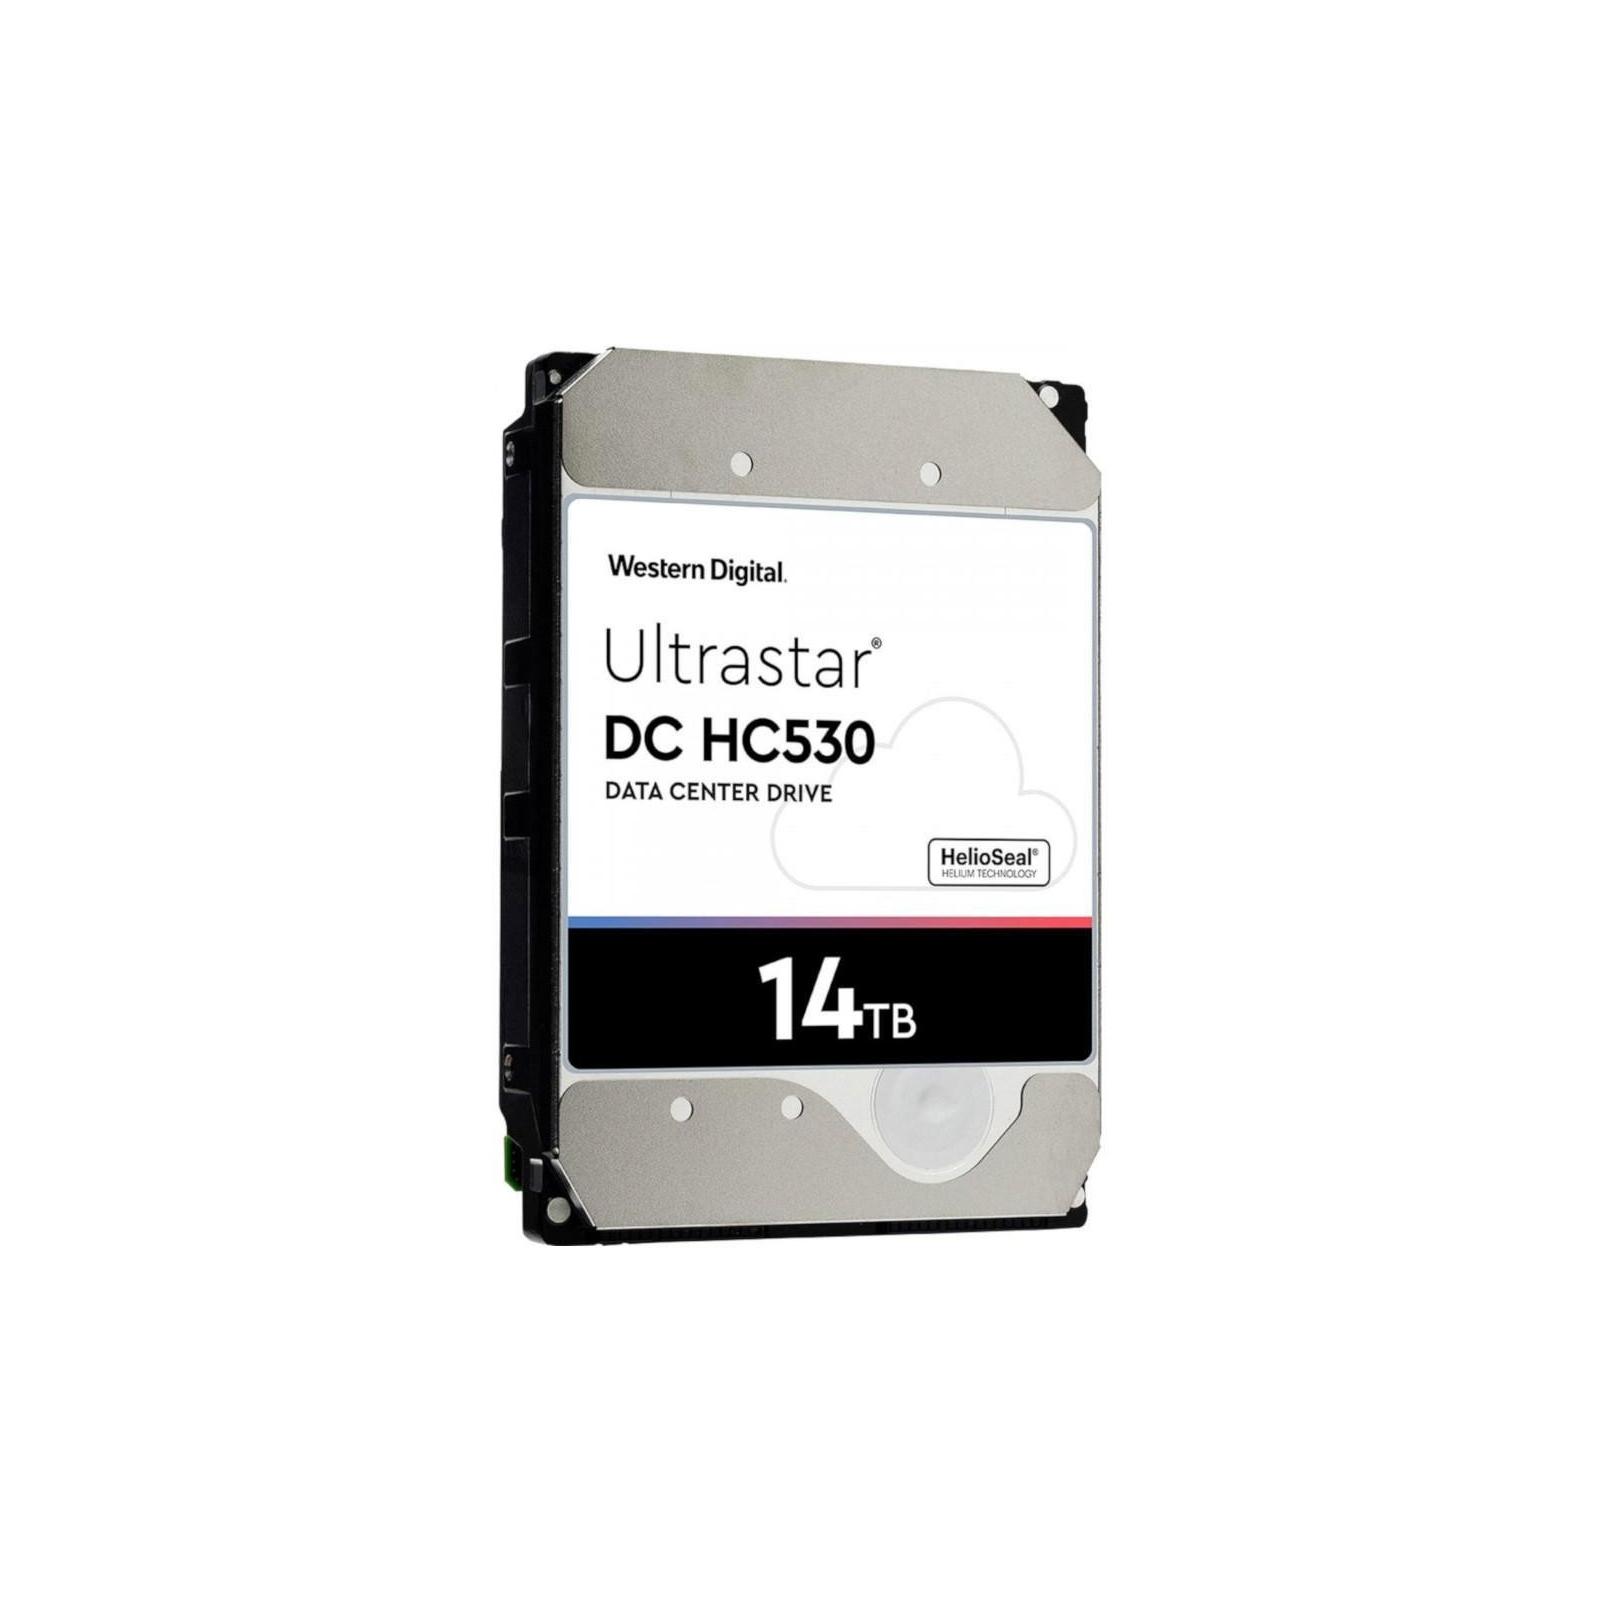 Жесткий диск для сервера 3.5'' 14TB WD (WUH721414ALE6L.4) изображение 2